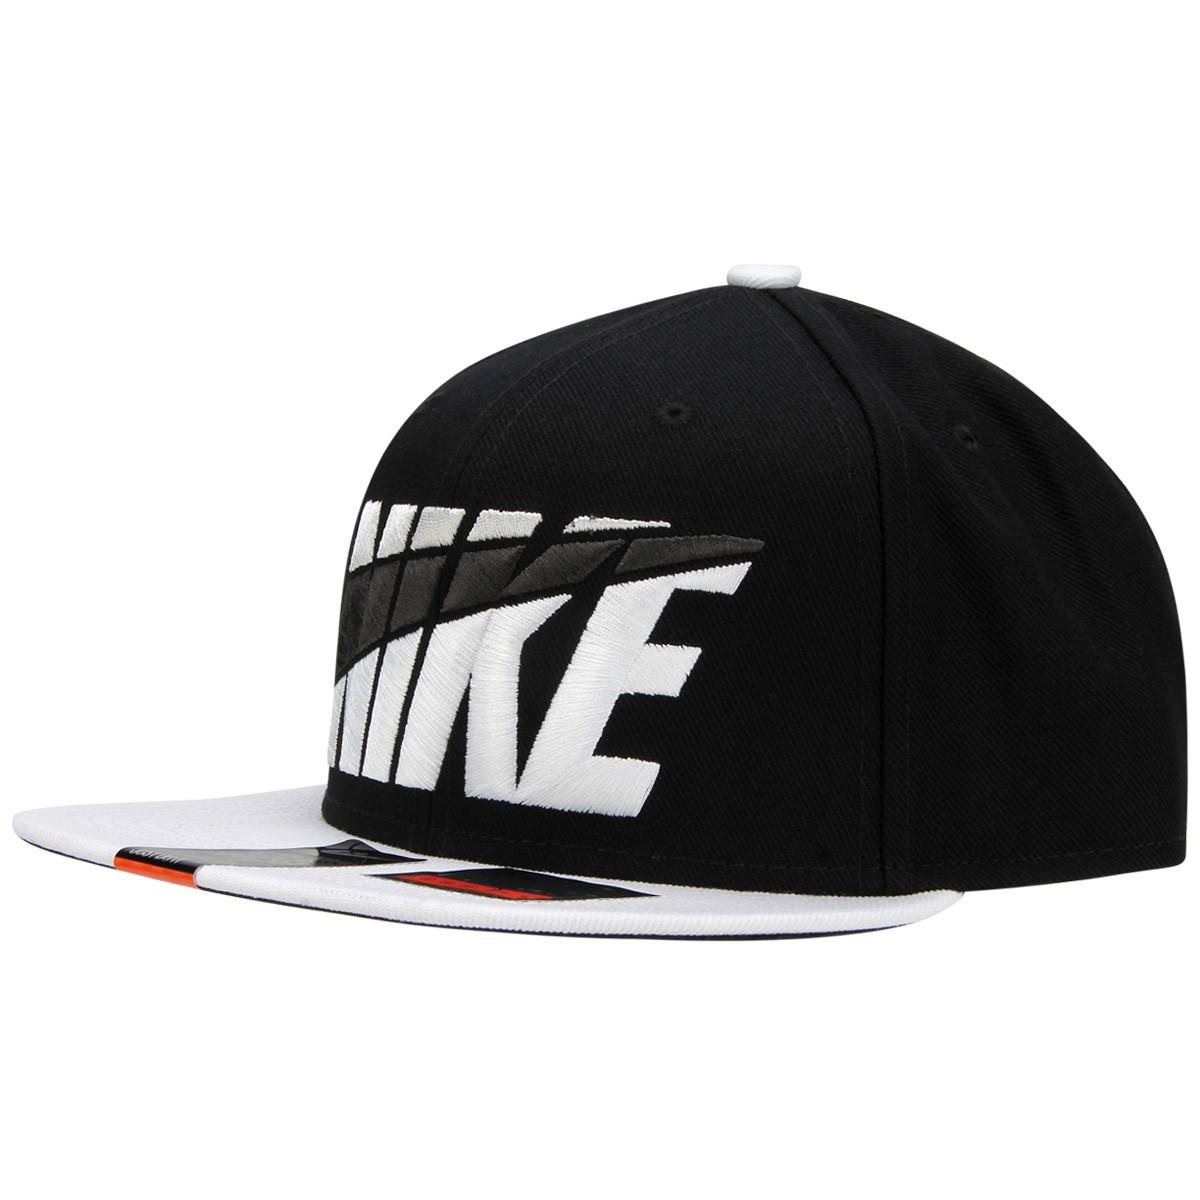 35e7e94710e60 Bone Nike Pro-Graphic